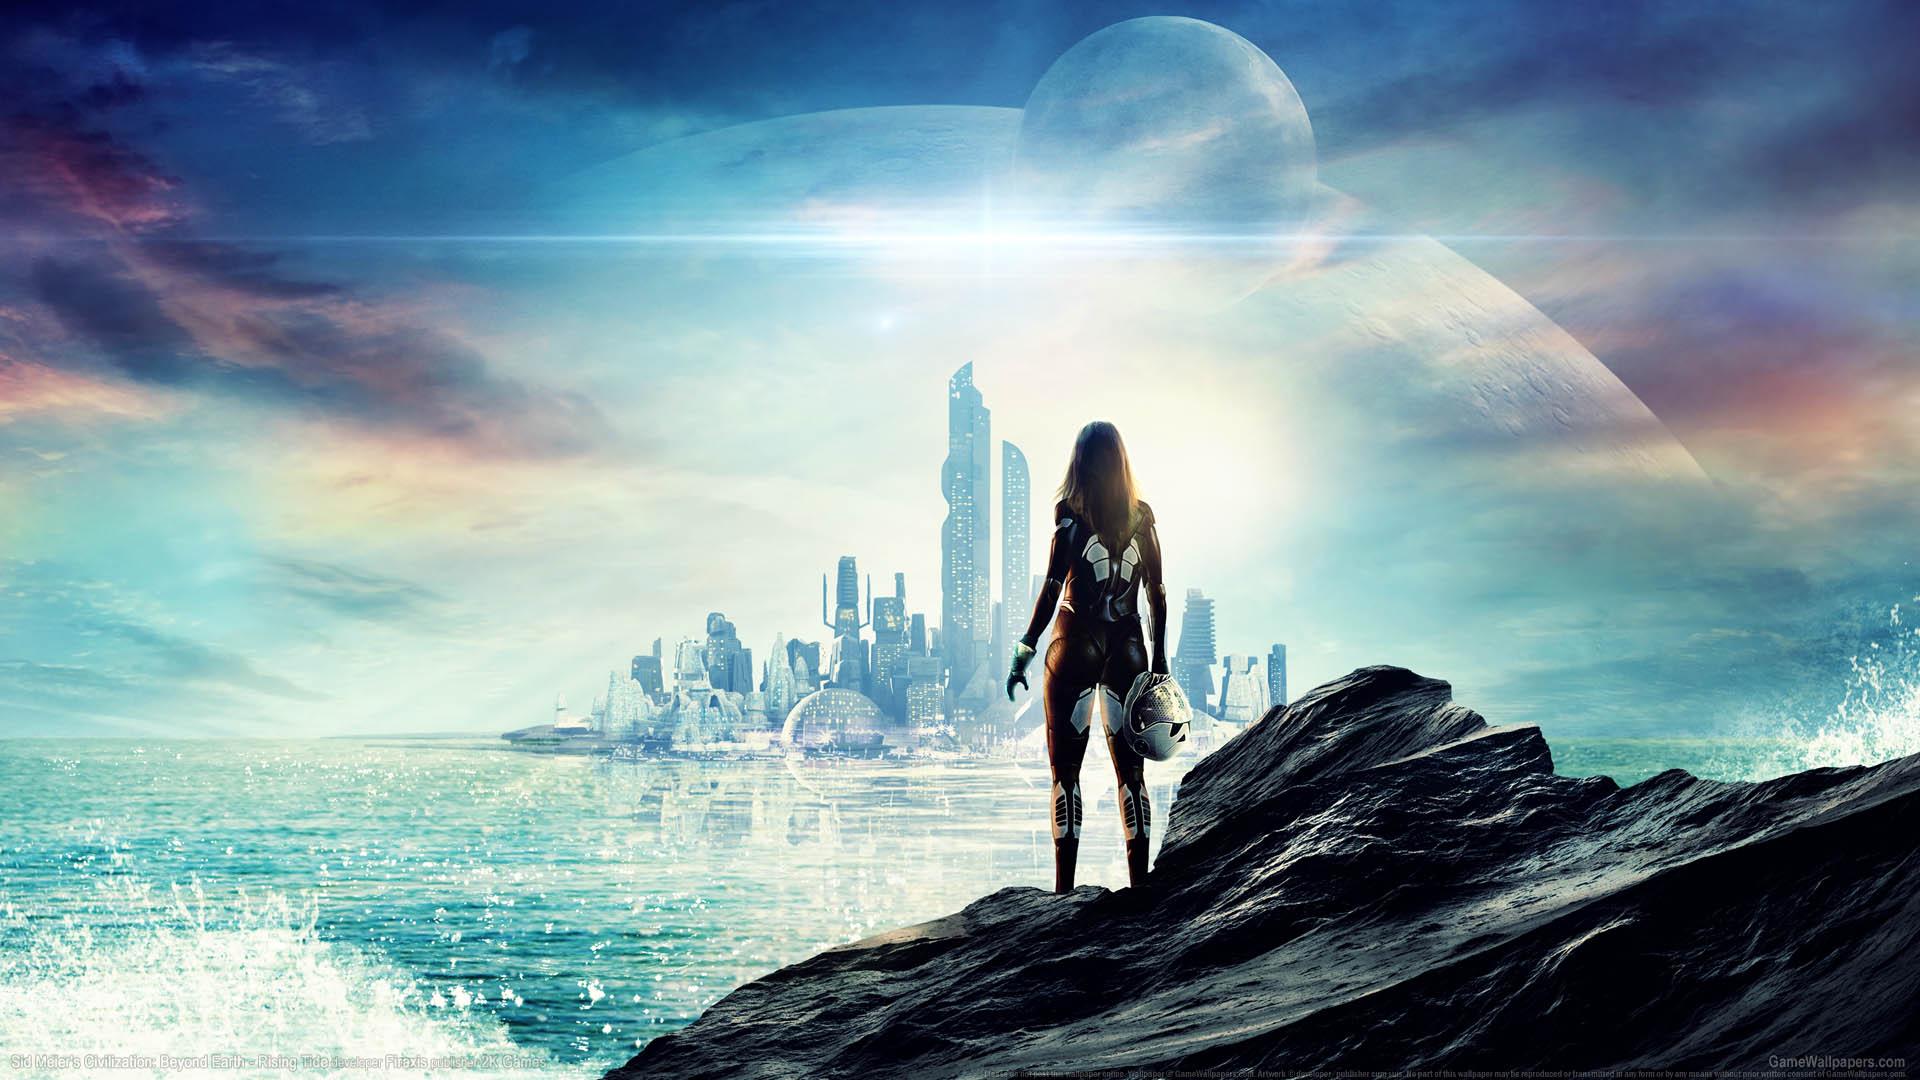 Sid Meier's Civilization: Beyond Earth - Rising Tide wallpaper 01 1920x1080